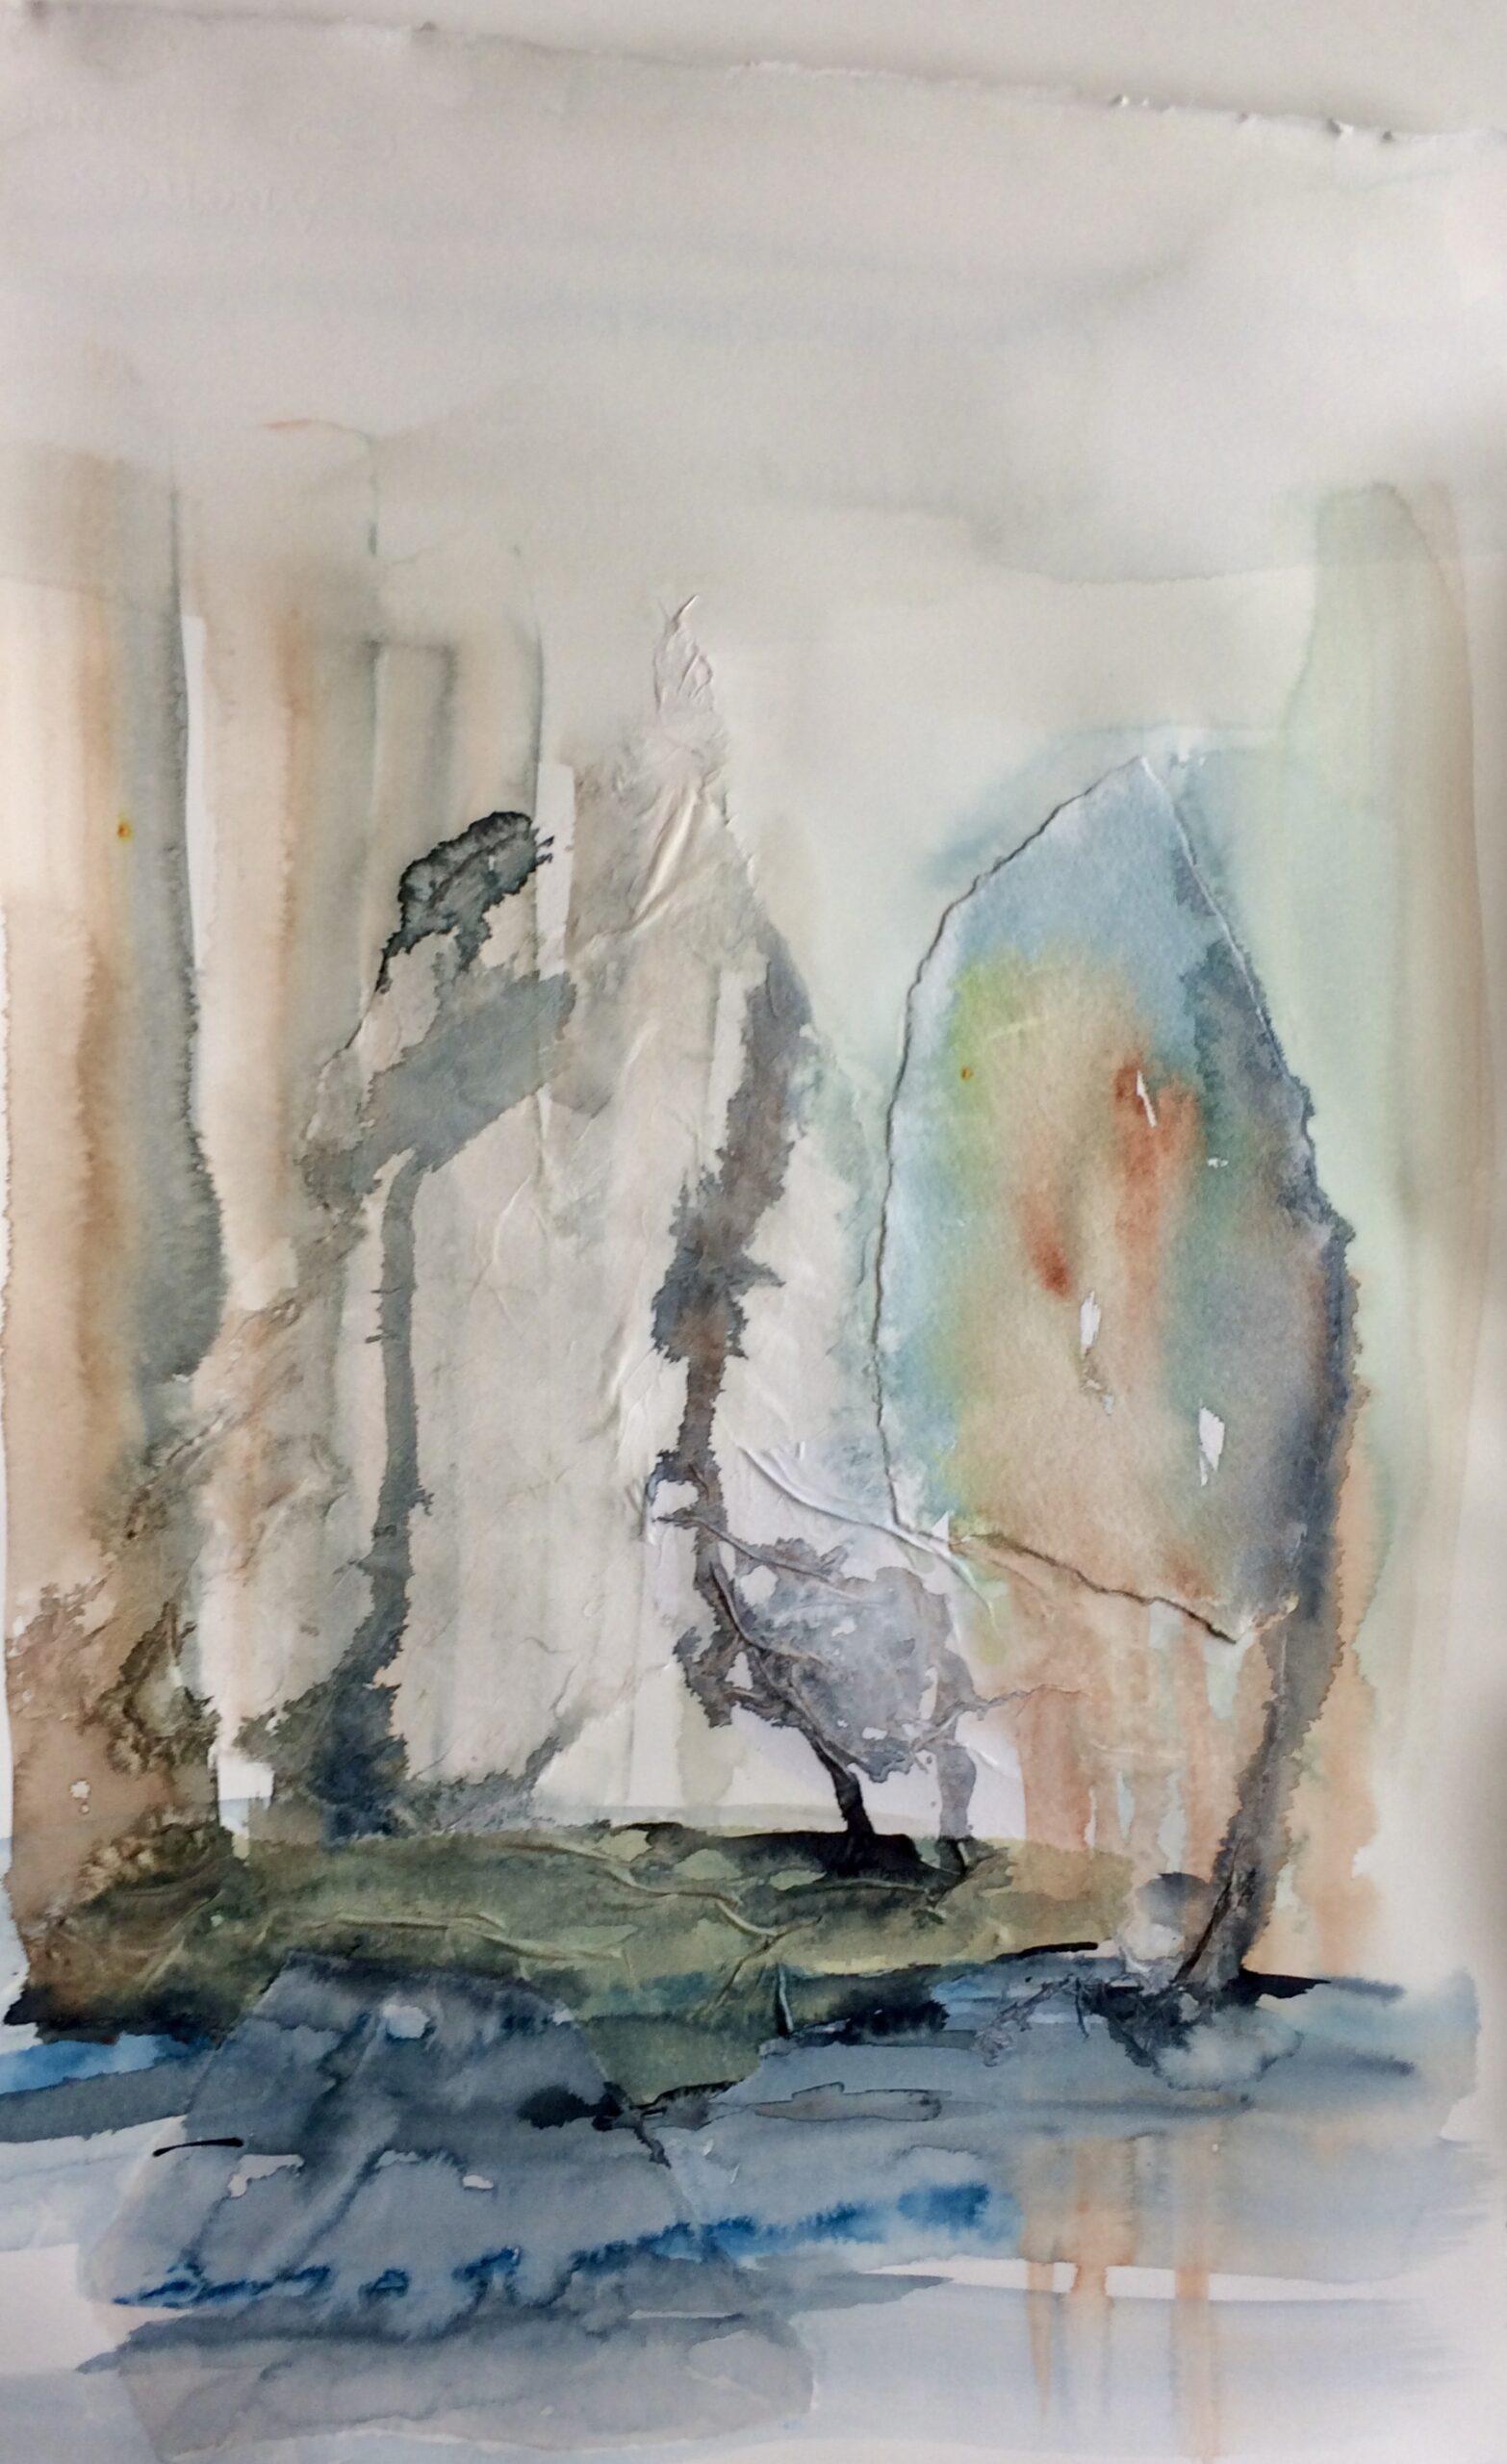 Eksperimentelt. Akvarel og silkepapir. Hanne Ohlsen